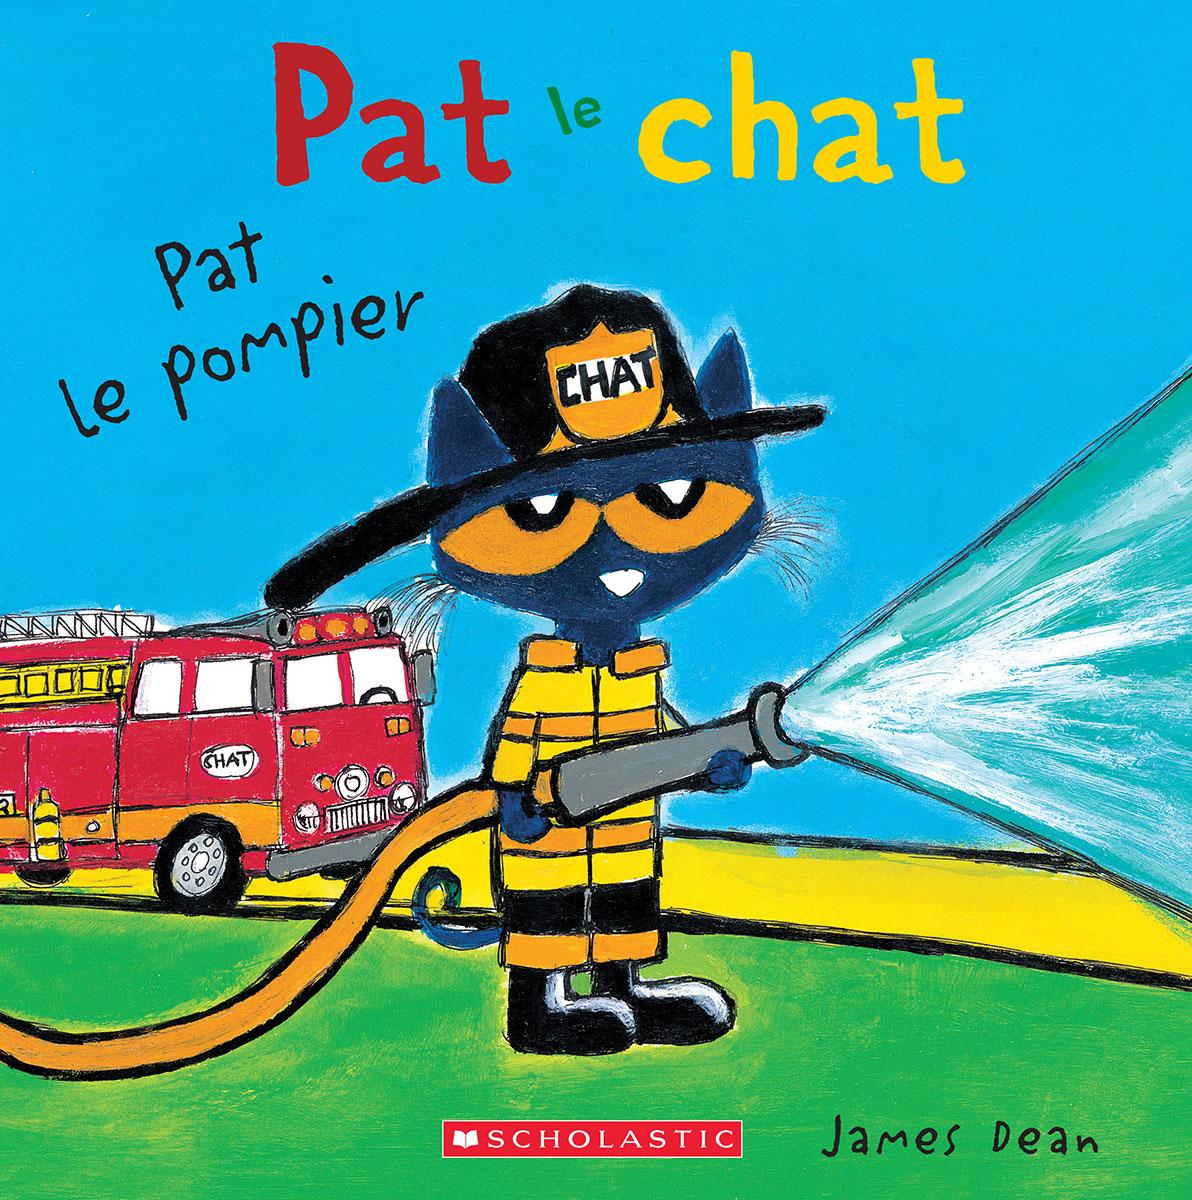 Pat le chat : Pat le pompier